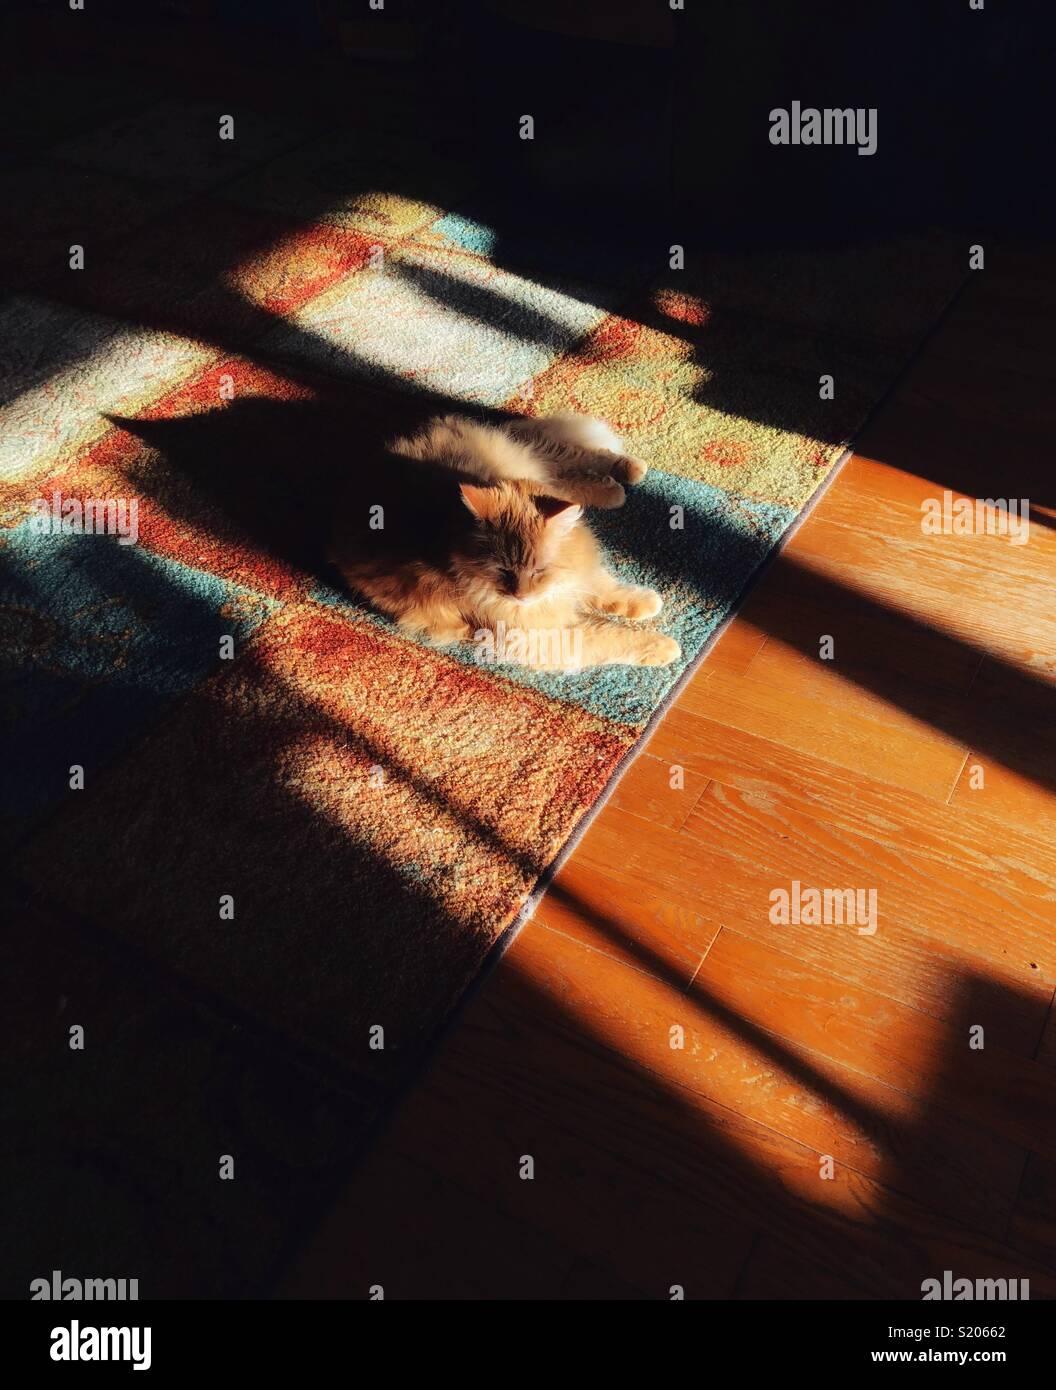 Orange cat sentando en el sol de la mañana sobre una alfombra con dramáticas sombras Imagen De Stock